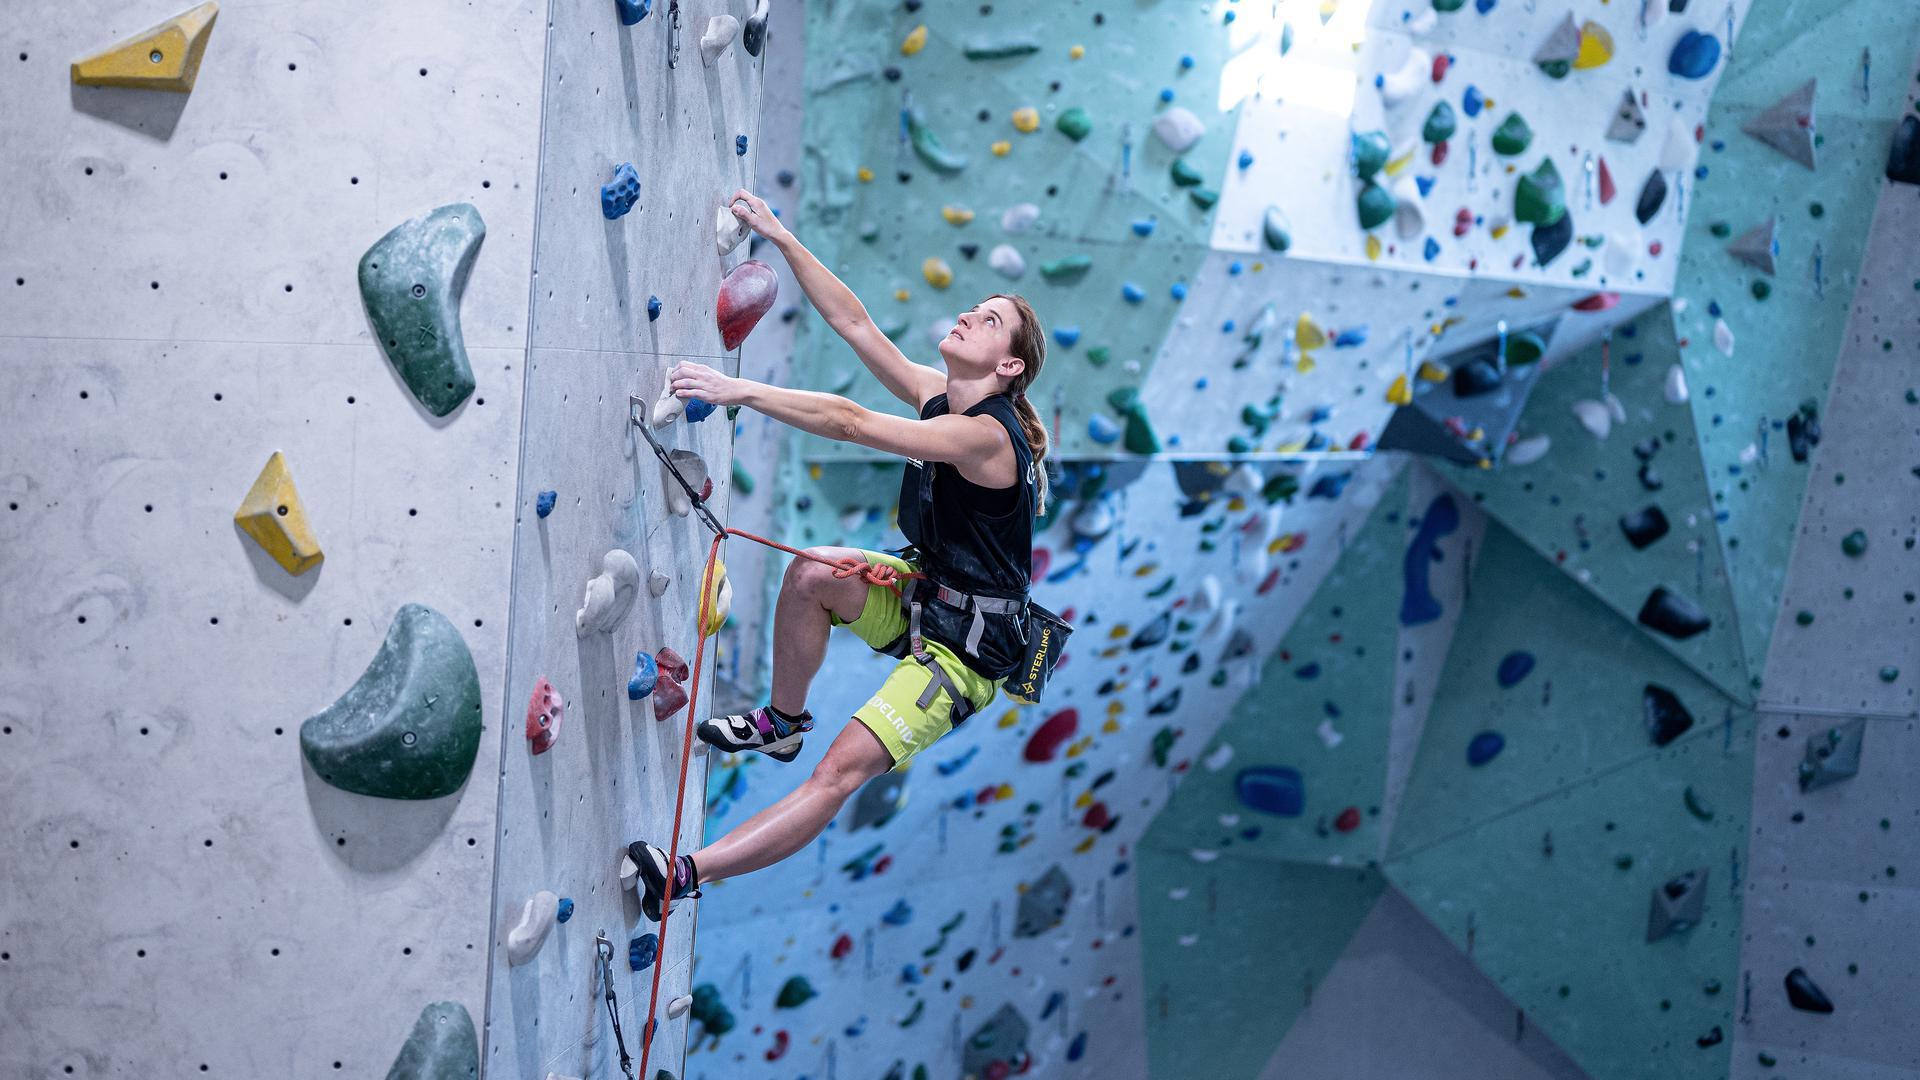 Vanessa Weber im Kletterzentrum des  Alpenverein Karlsruhe (DAV).  GES/ Klettern/ Paraclimbing, Vanesssa Weber, 07.07.2020